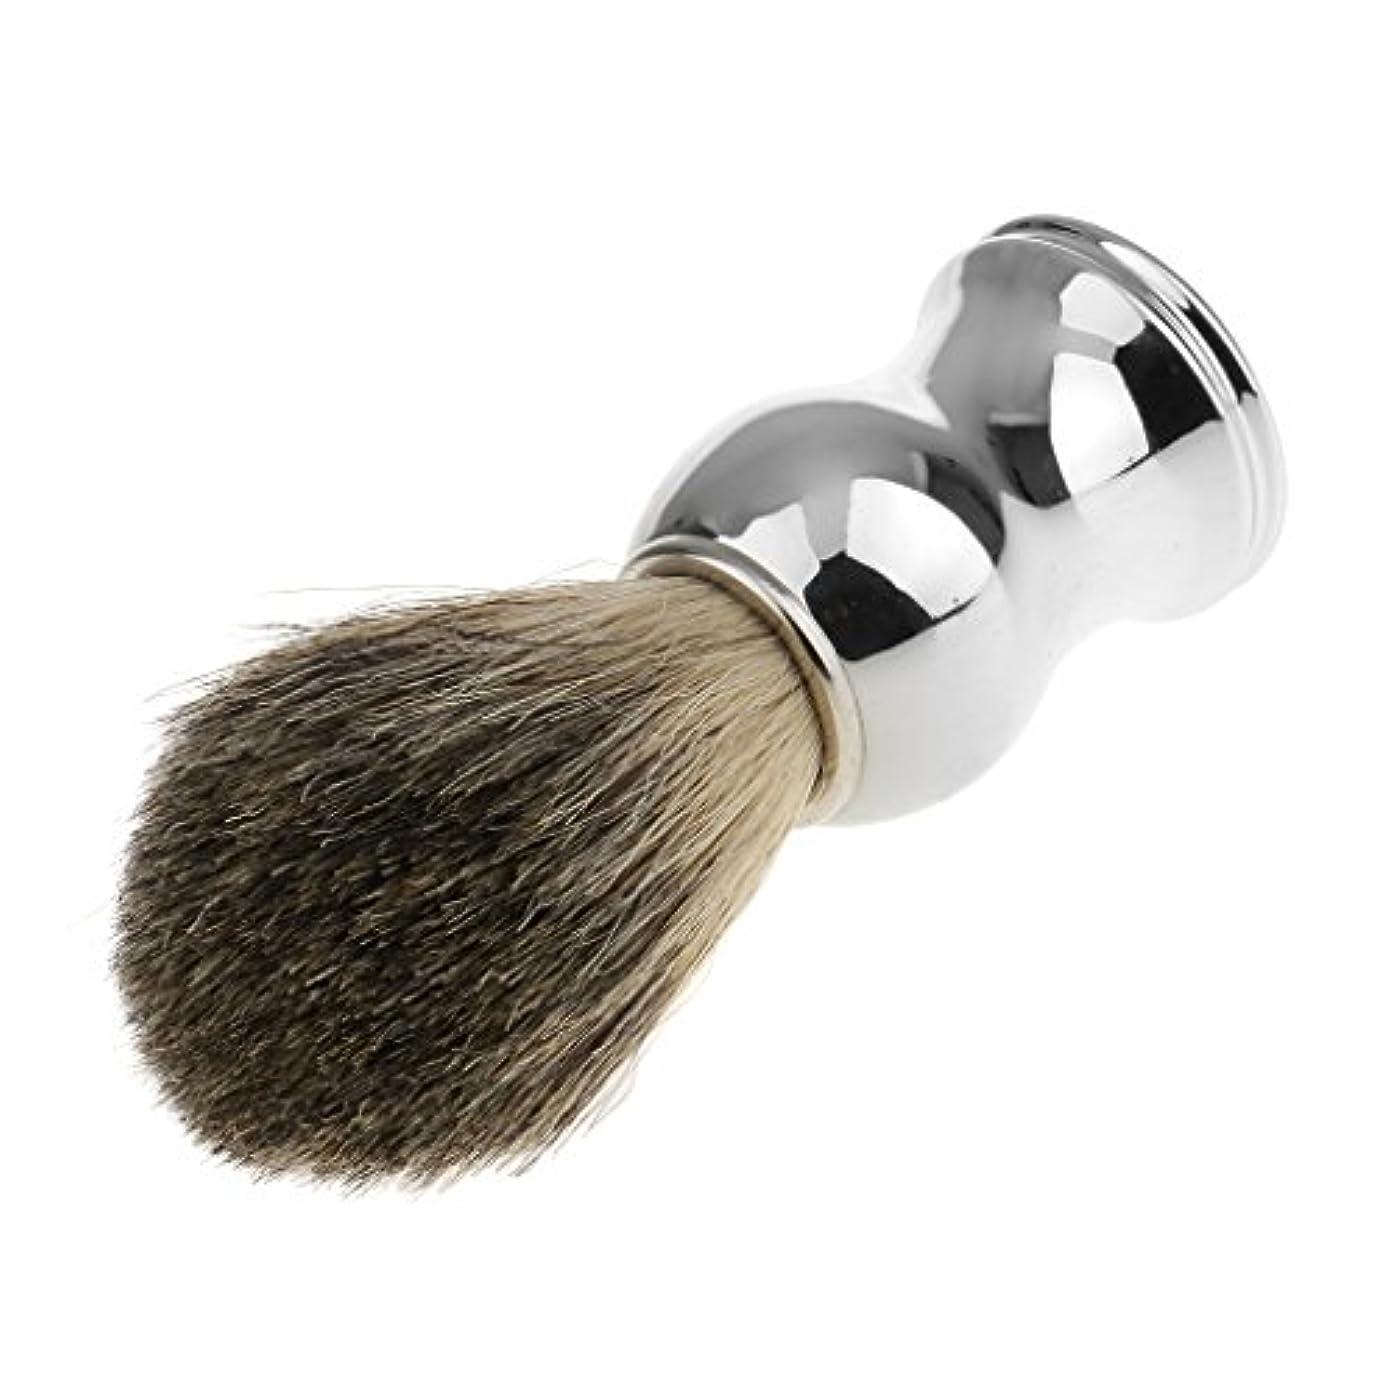 拒否暴動賞賛する人工毛 シェービングブラシ 柔らかい 理容 洗顔 髭剃り 乾くやすい 11.2cm シルバーハンドル